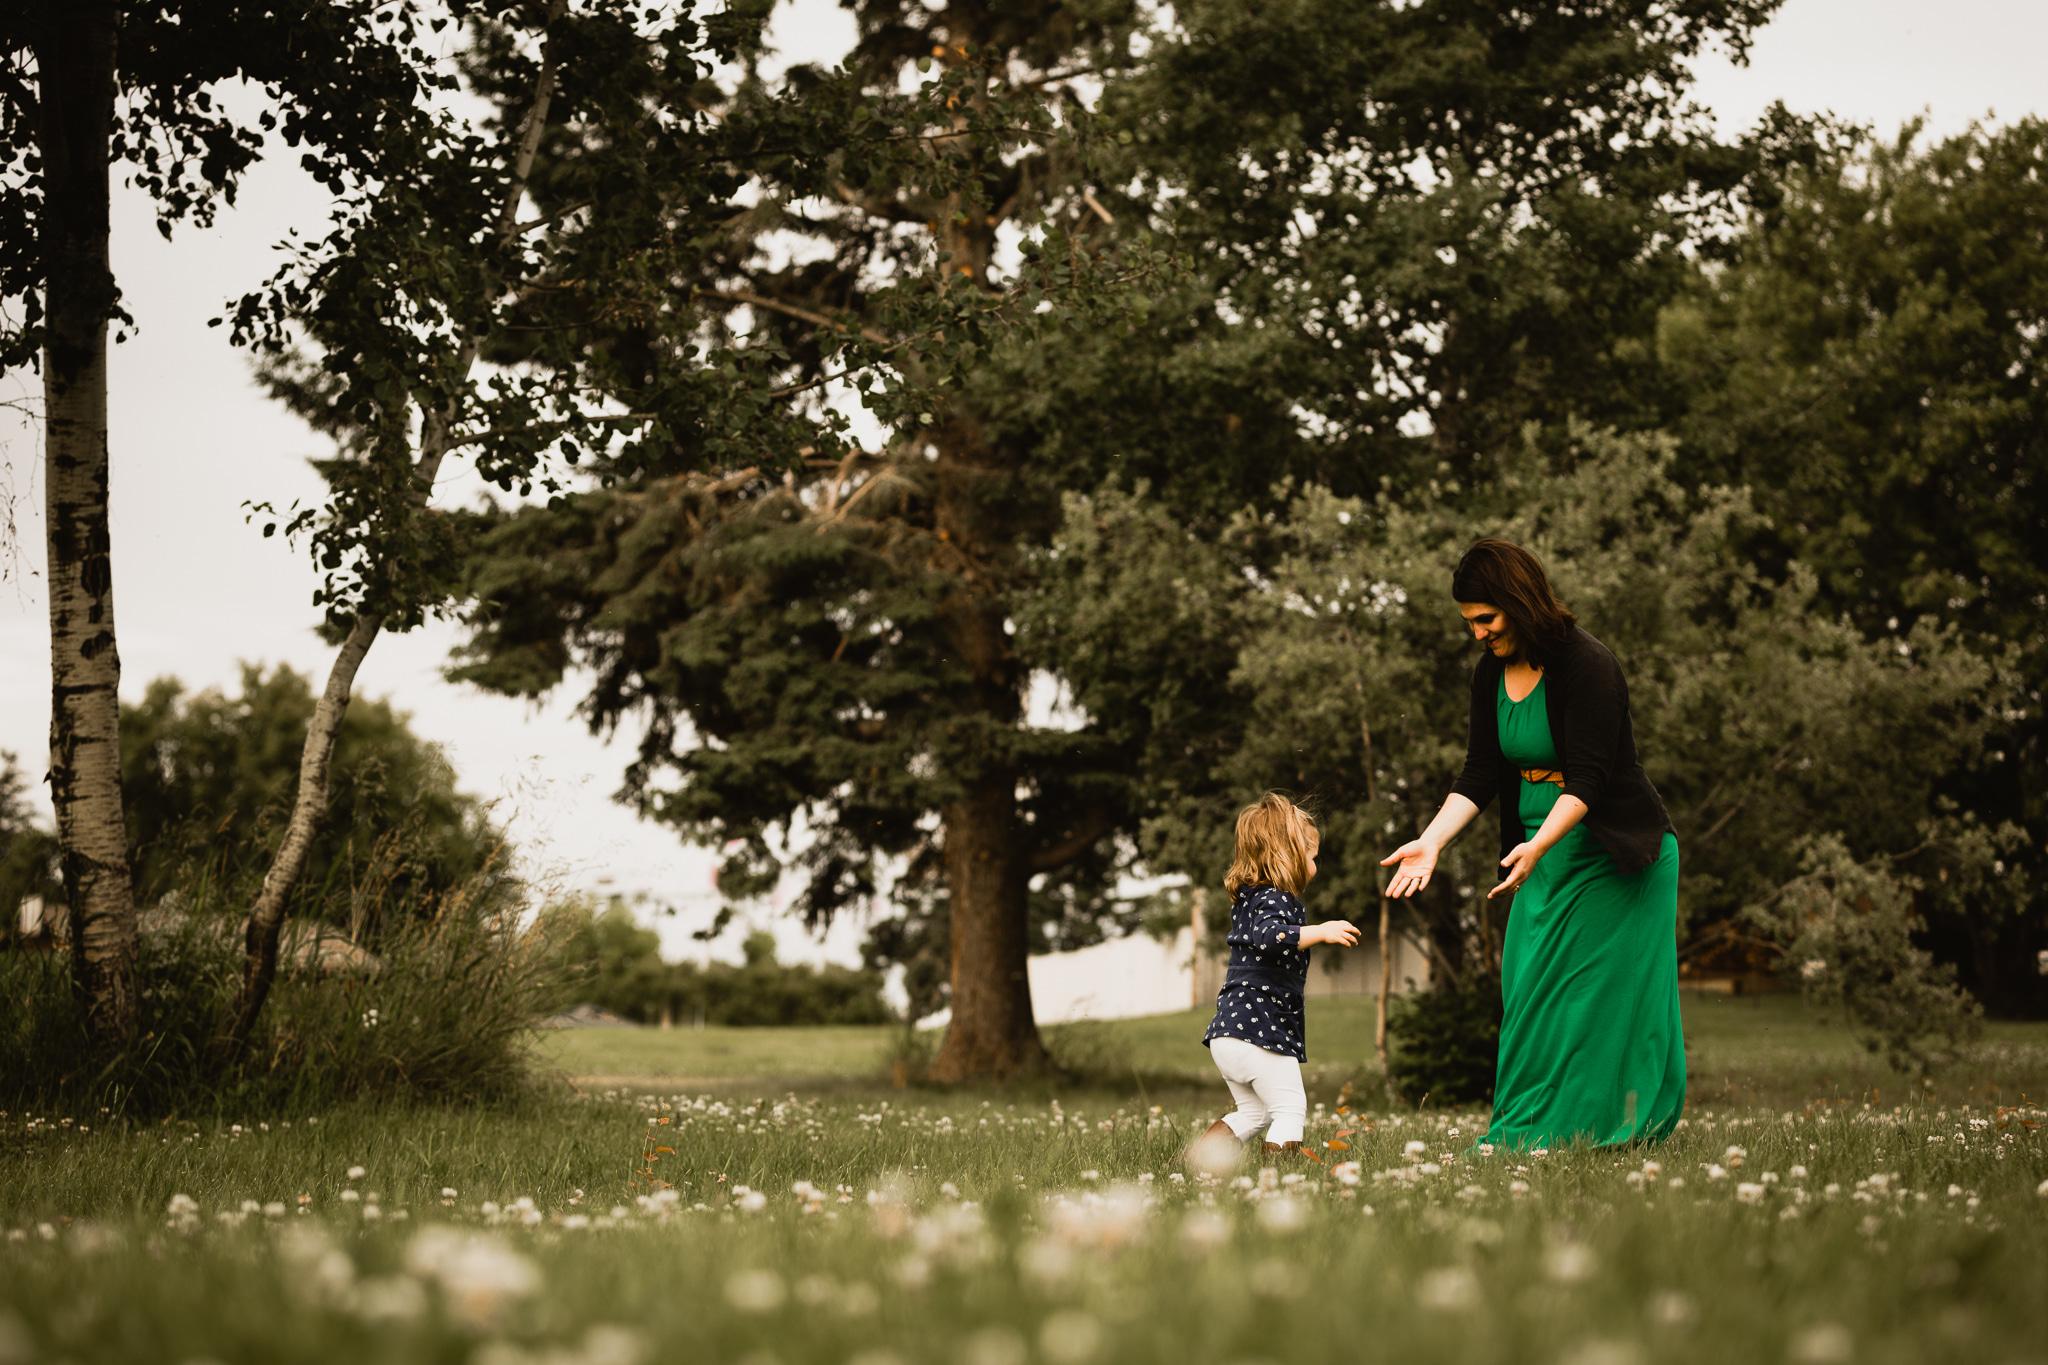 Alina-Joy-Photography-Cold-Lake-Lifestyle-Photographer-138.jpg